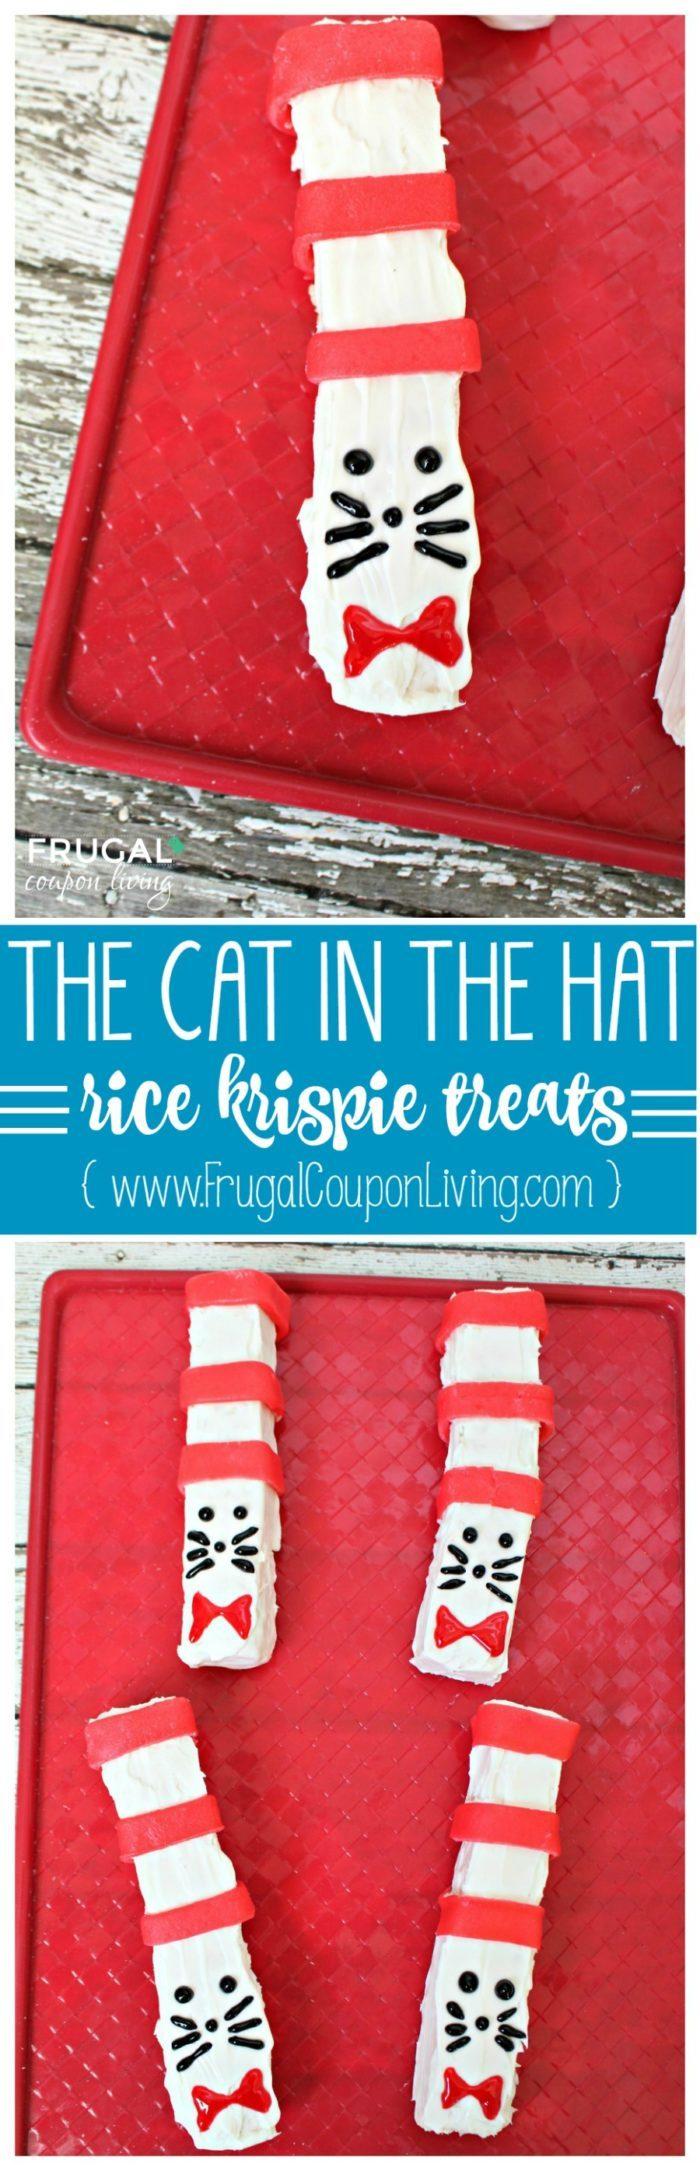 Cat in the Hat Recipe